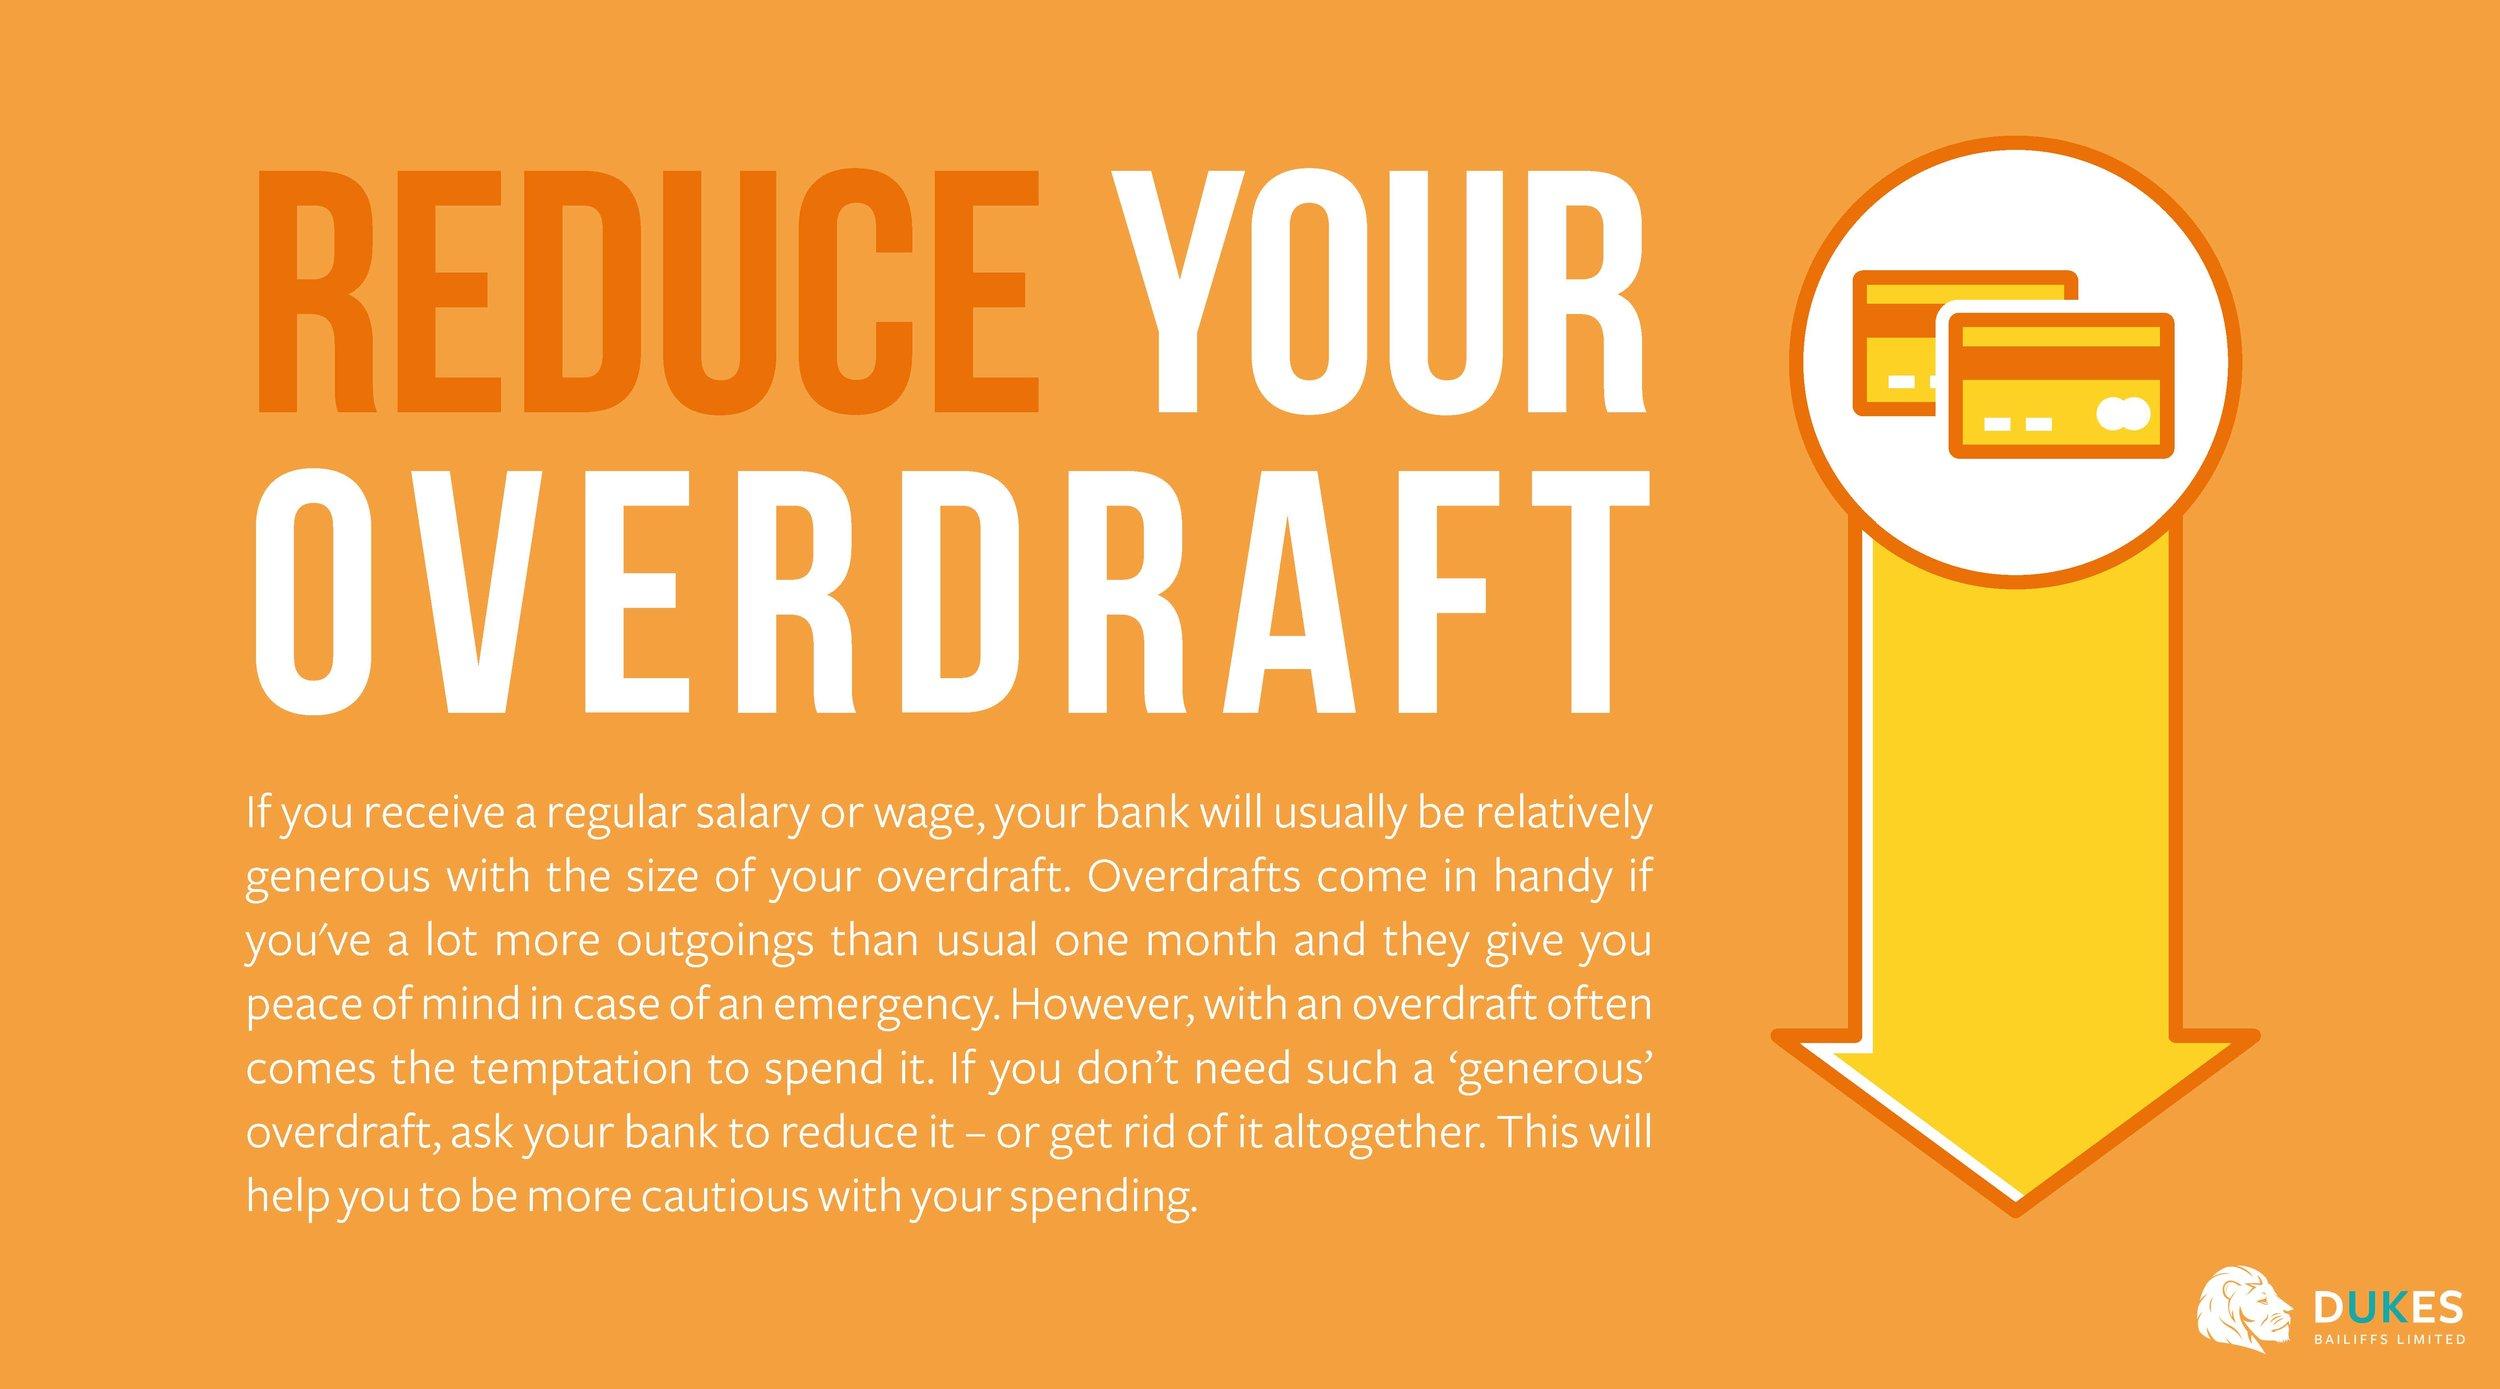 3. Reduce your overdraft - Dukes.jpg